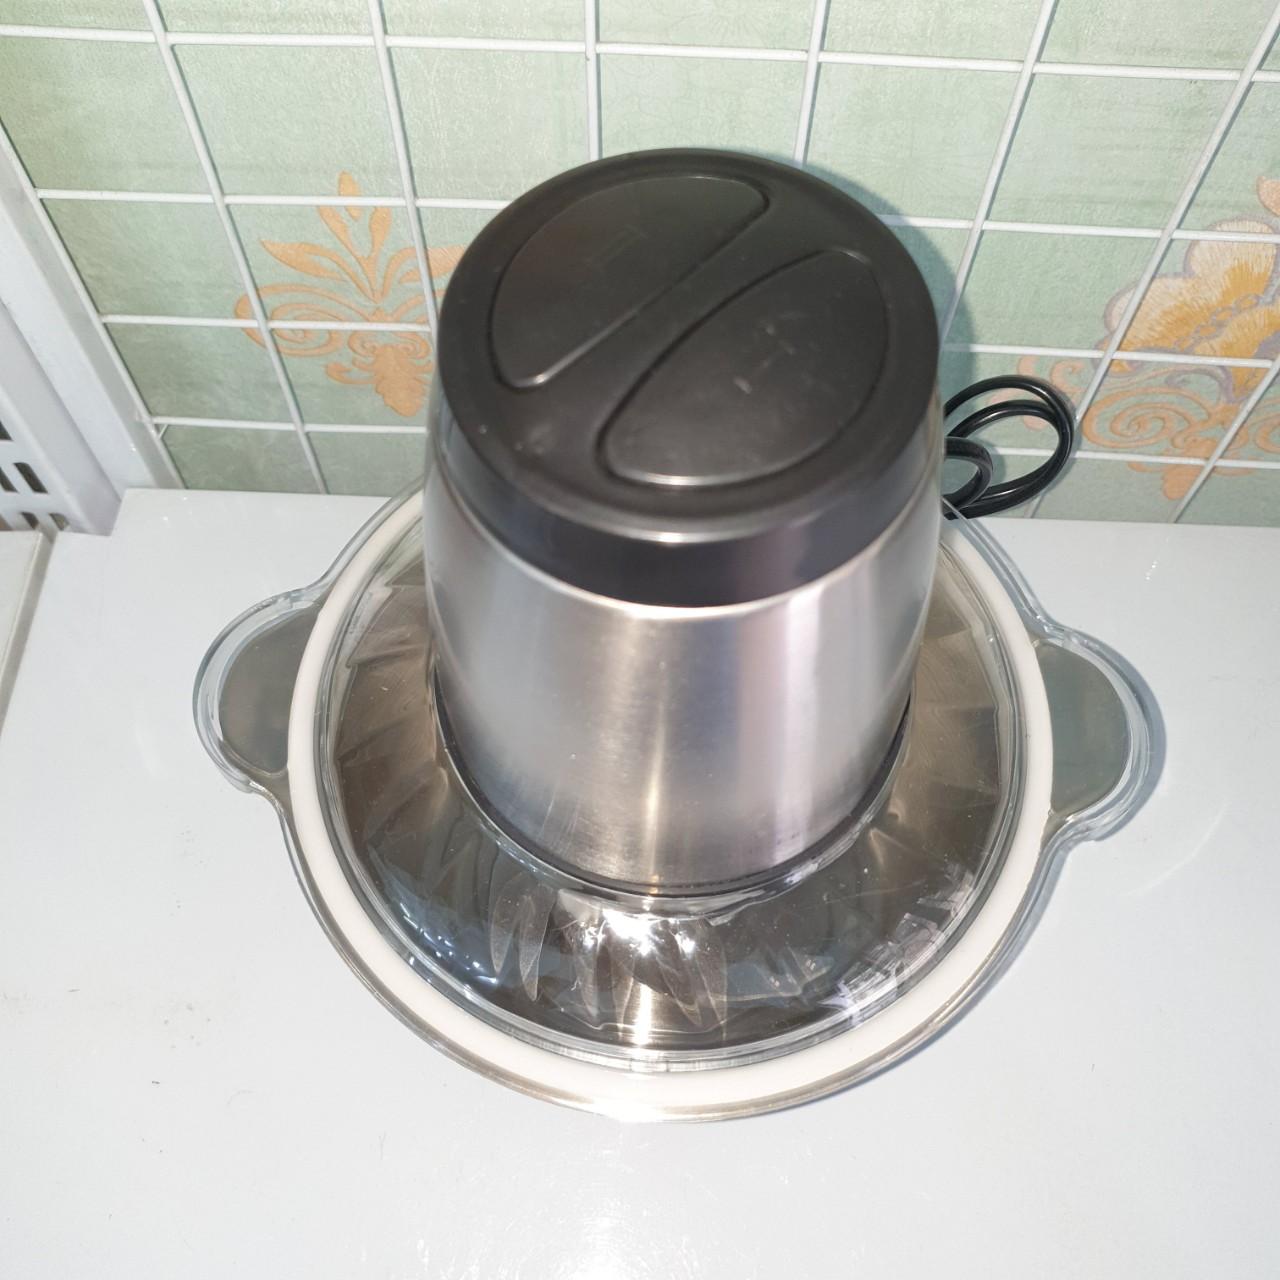 Máy xay thịt thép không gỉ, thố xay dung tích 2 lít, công suất 300W